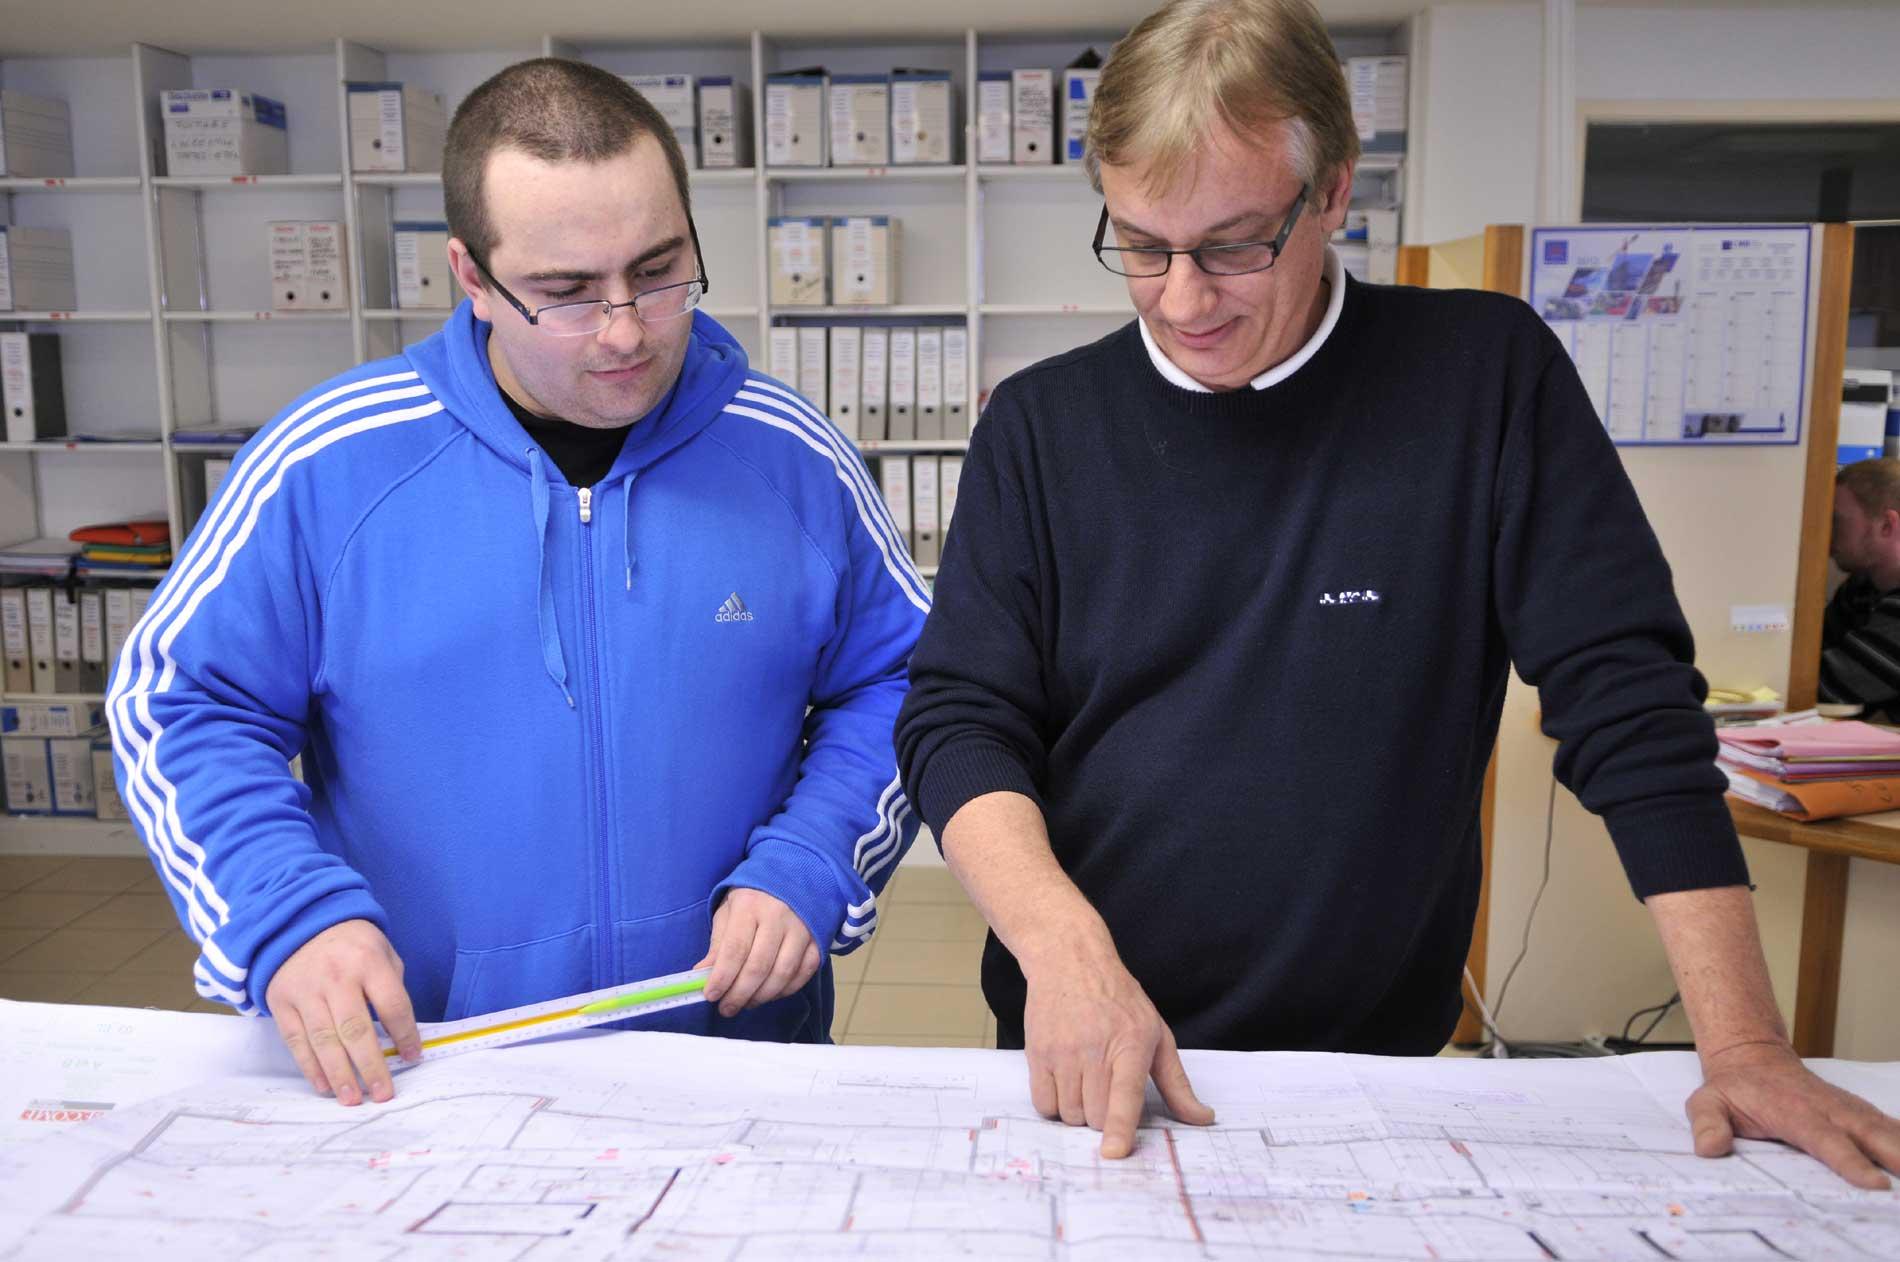 Florian et son maître d'apprentissage, M. Tressard, des établissements Daeron